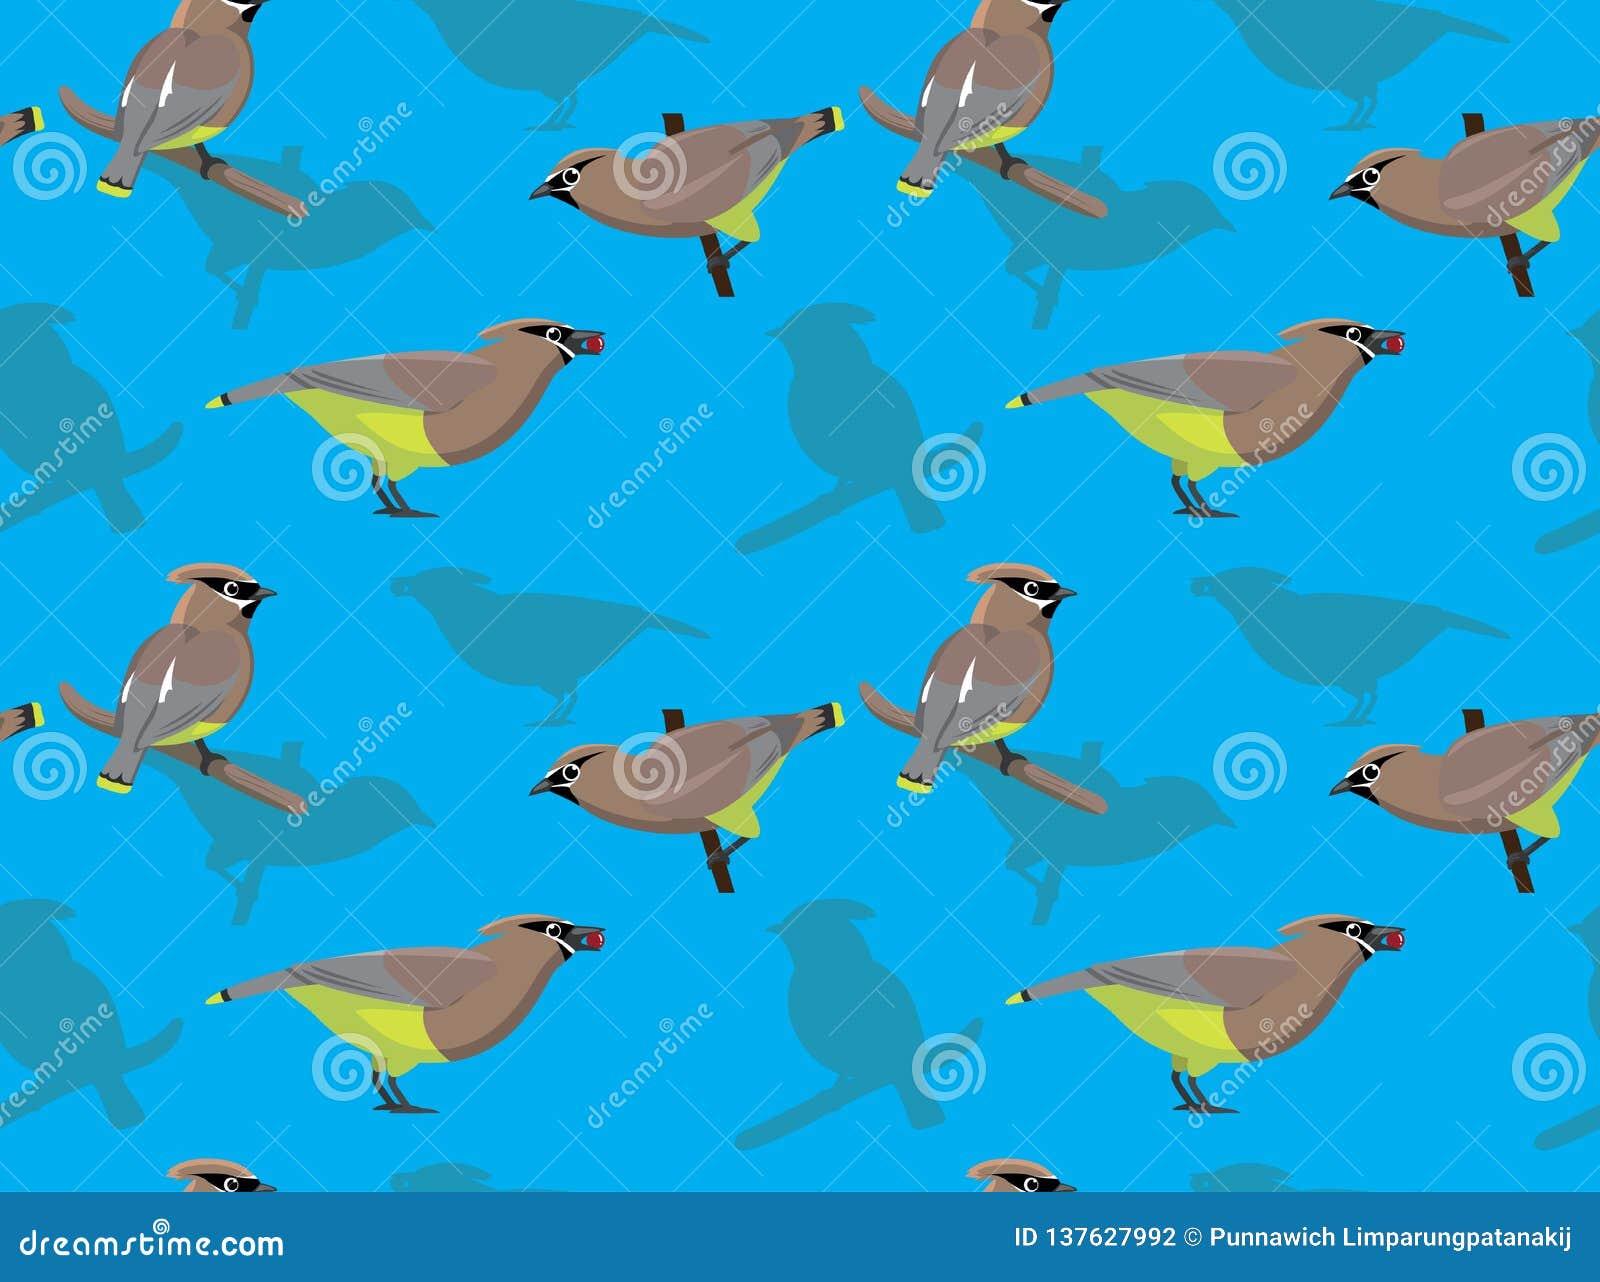 Bird Cedar Waxwing Cartoon Background Seamless Wallpaper